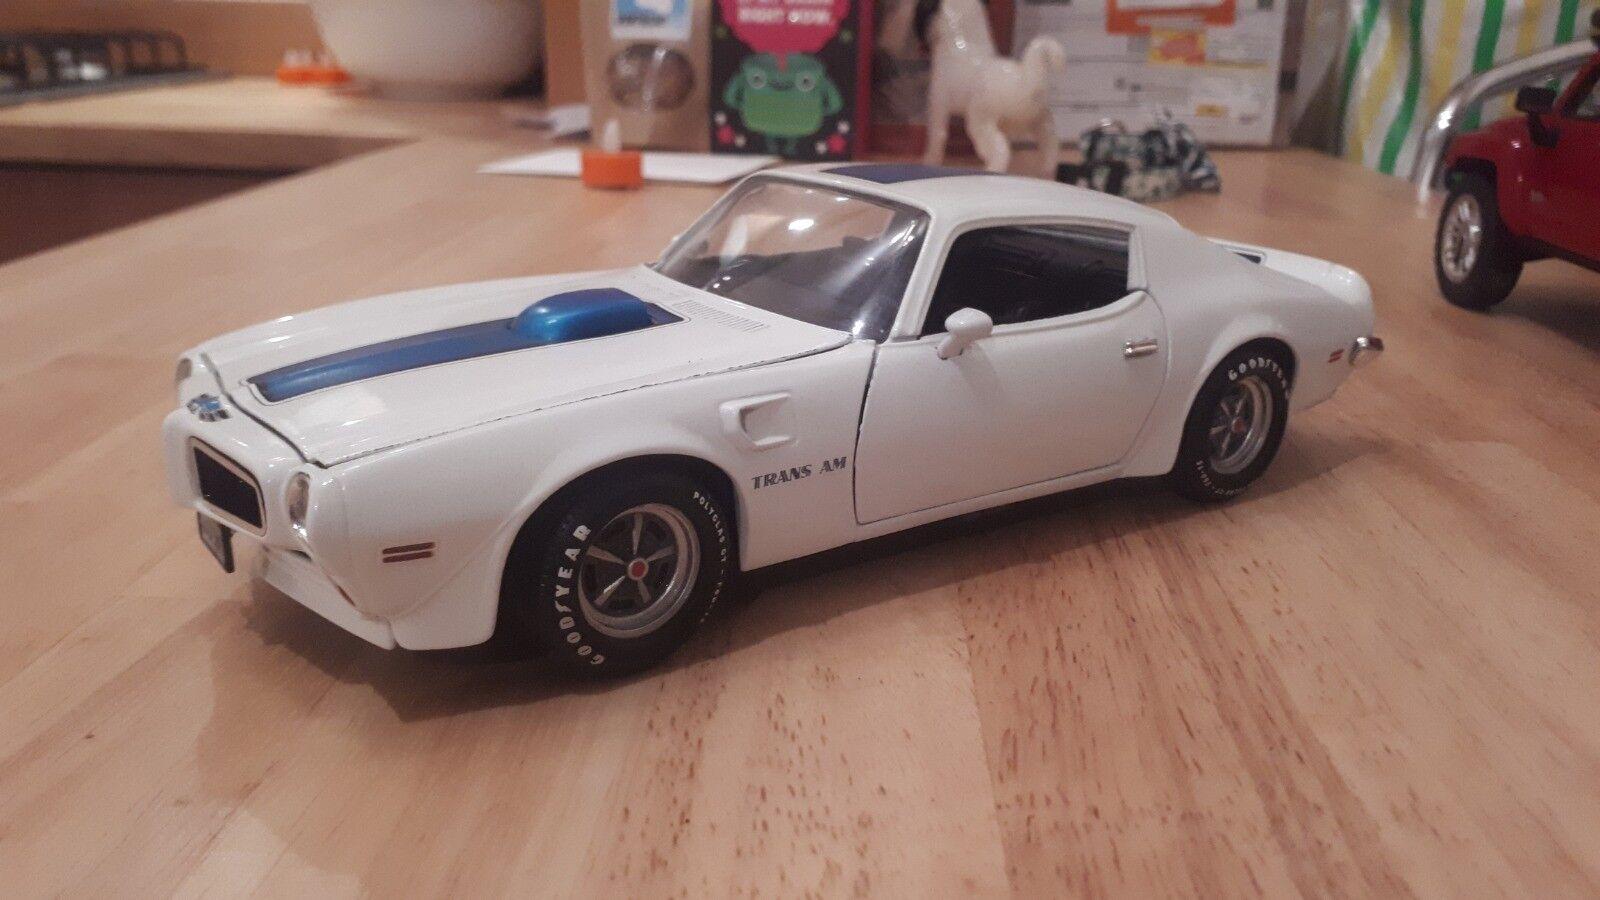 Ertl 1 18 1970 Pontiac Trans Am - bianca blu